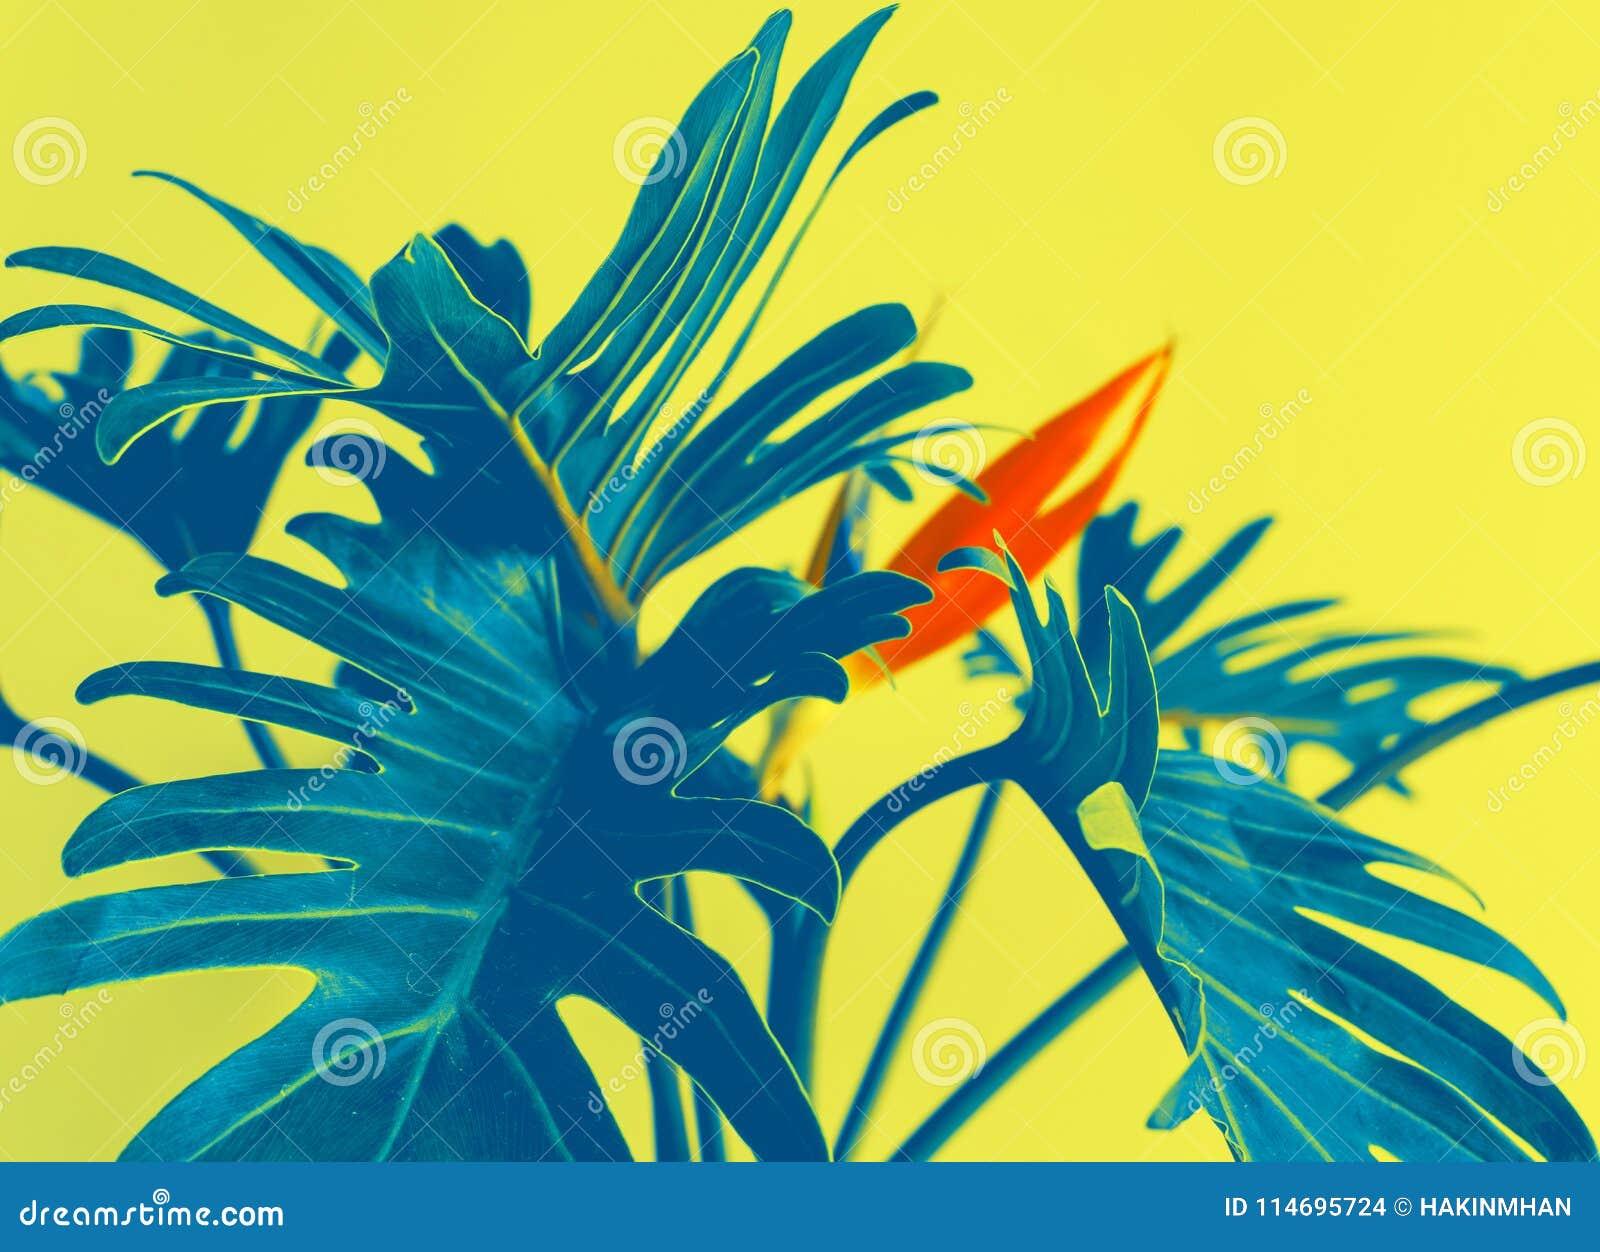 Färgrikt av exotiska tropiska blommastrelizia- och xanadusidor